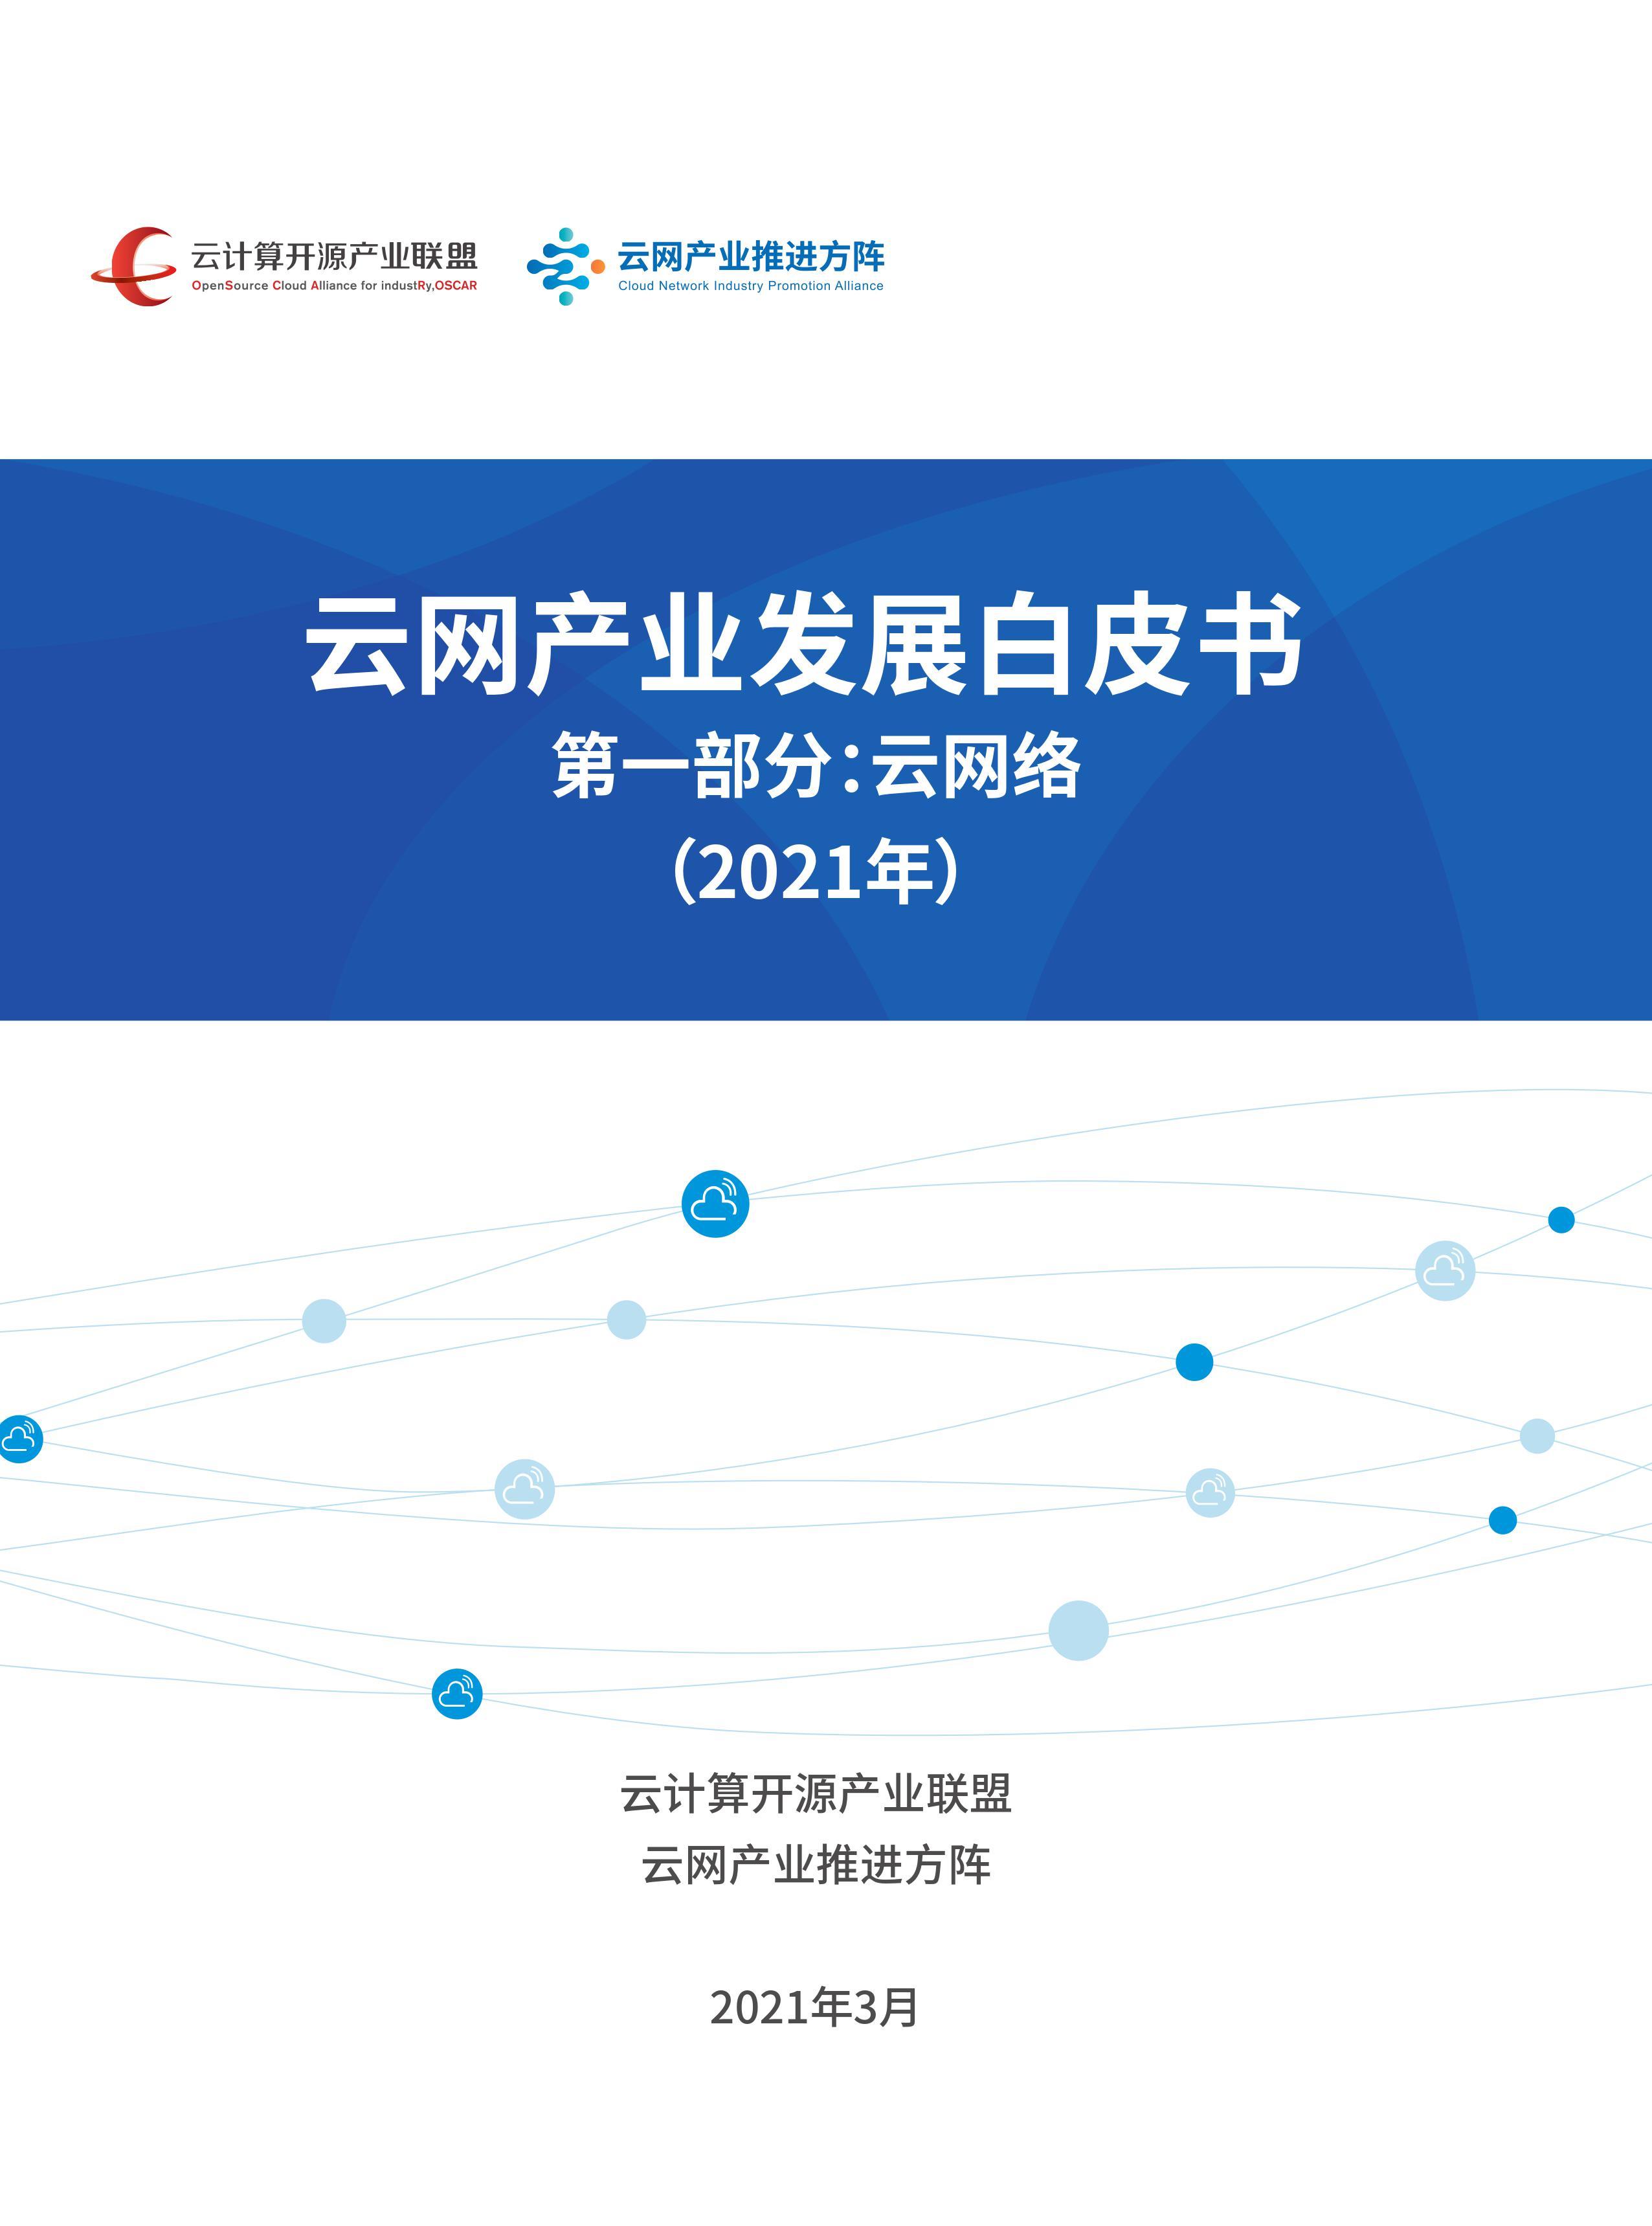 《云网产业发展白皮书》聚焦云网产业 推动云计算发展